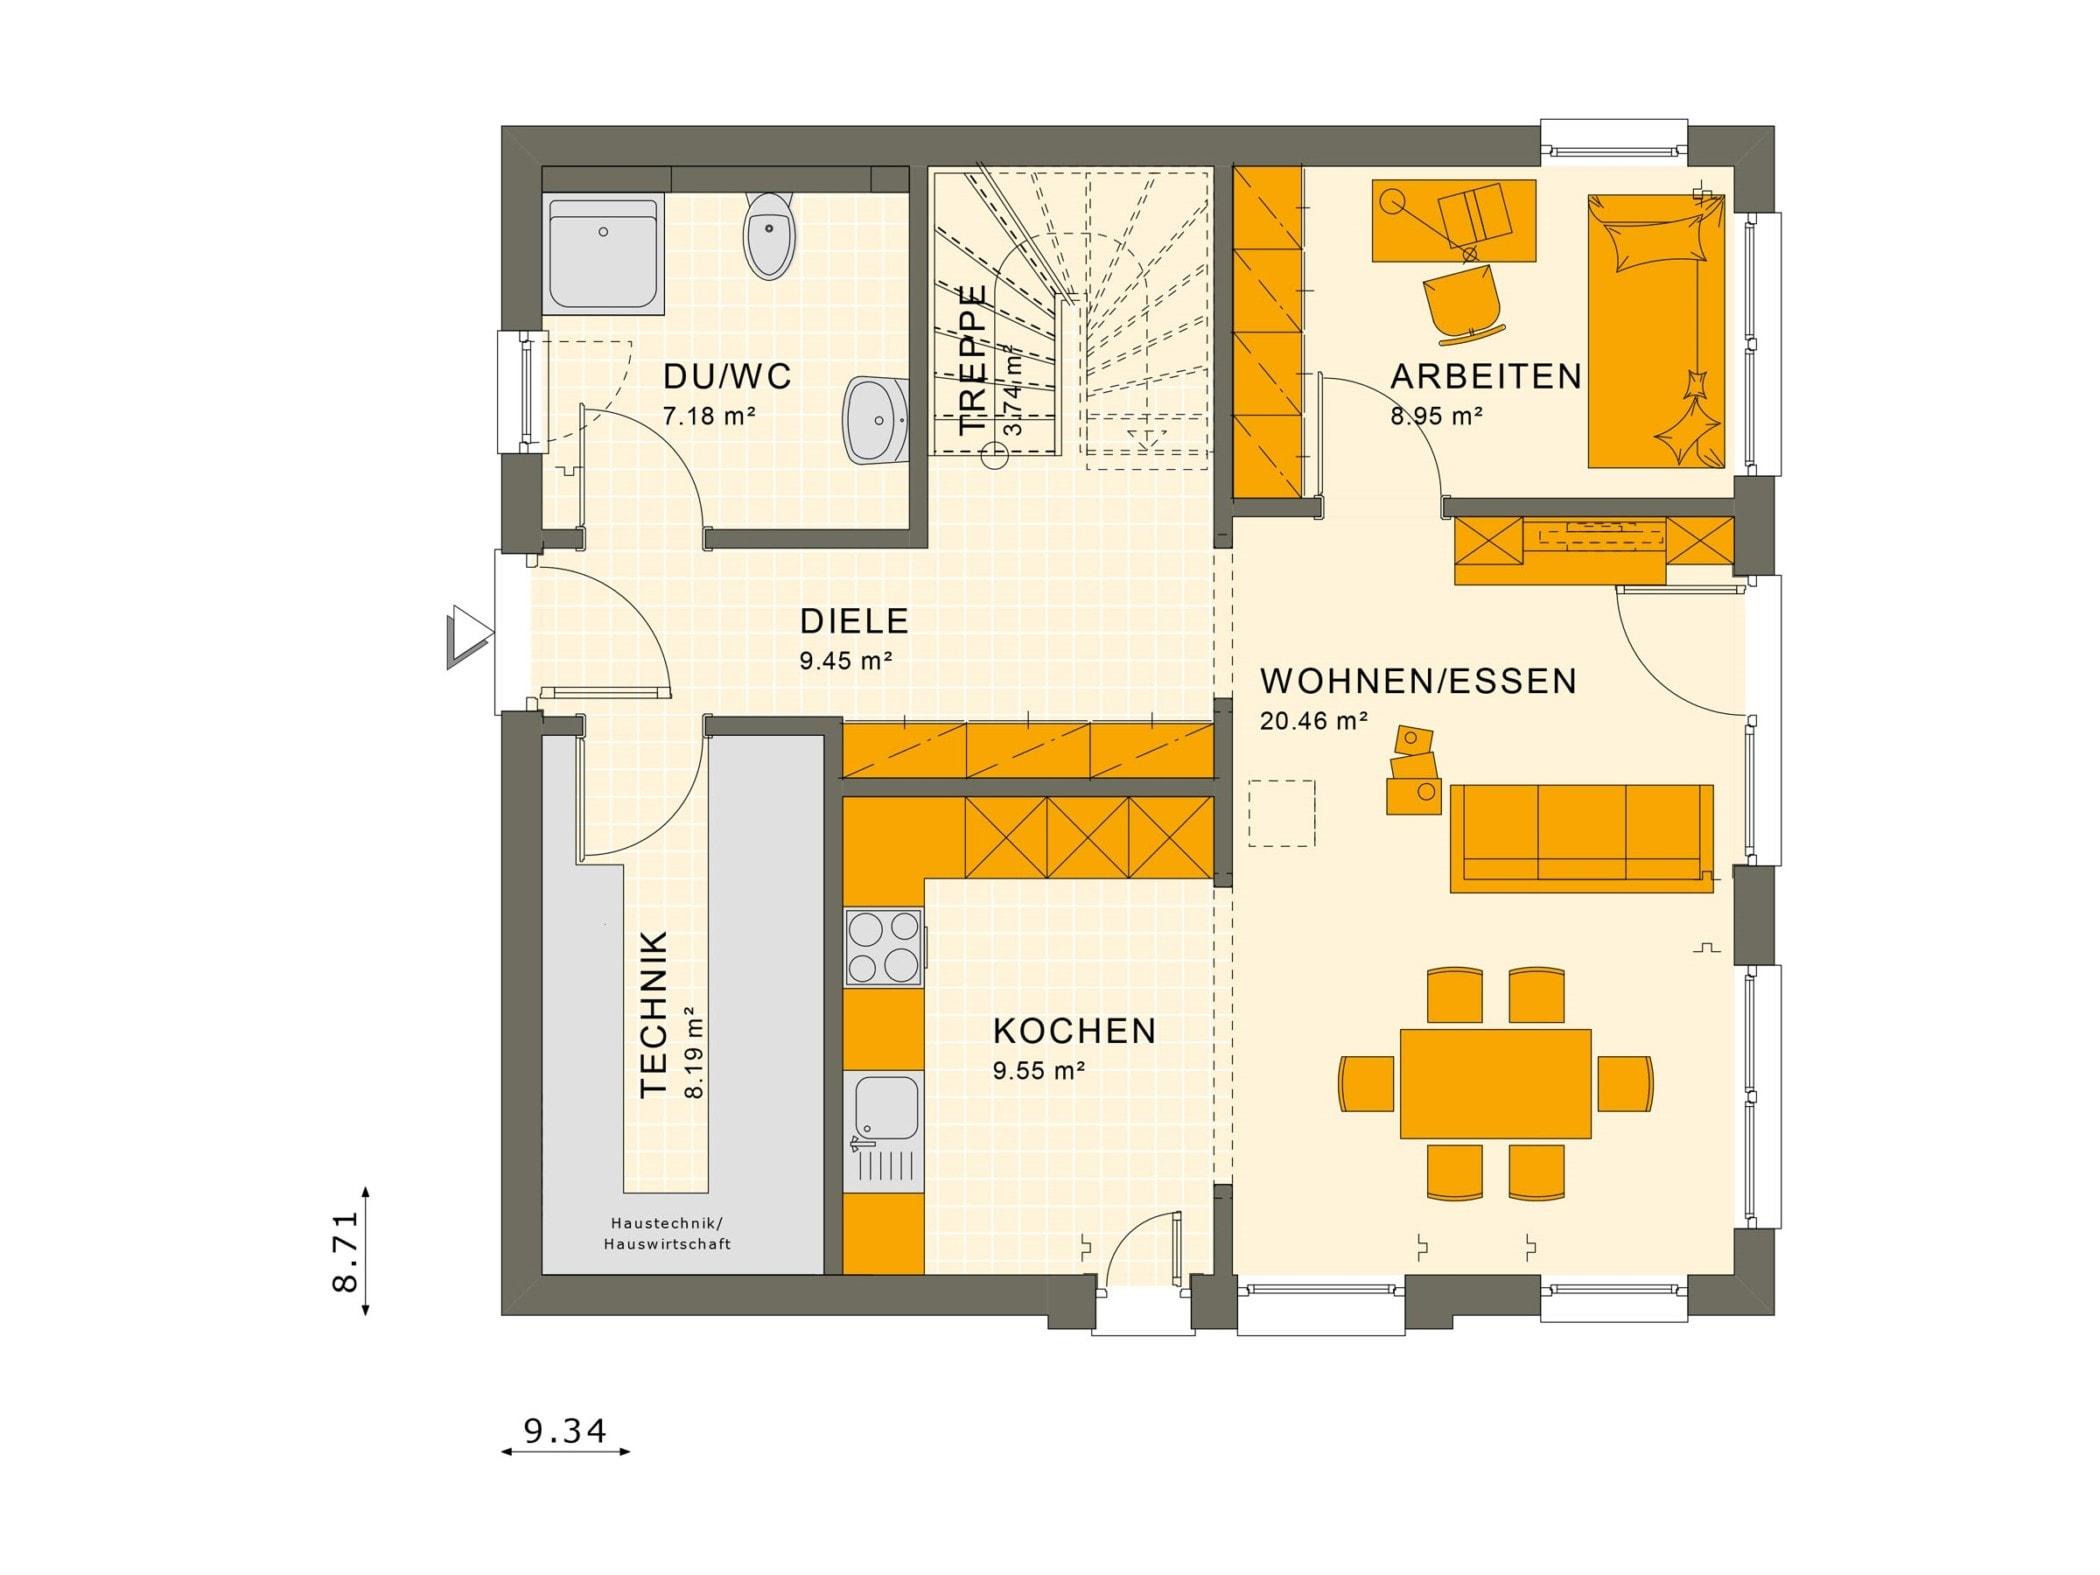 Grundriss Einfamilienhaus Erdgeschoss - Fertighaus Living Haus SUNSHINE 136 V2 - HausbauDirekt.de